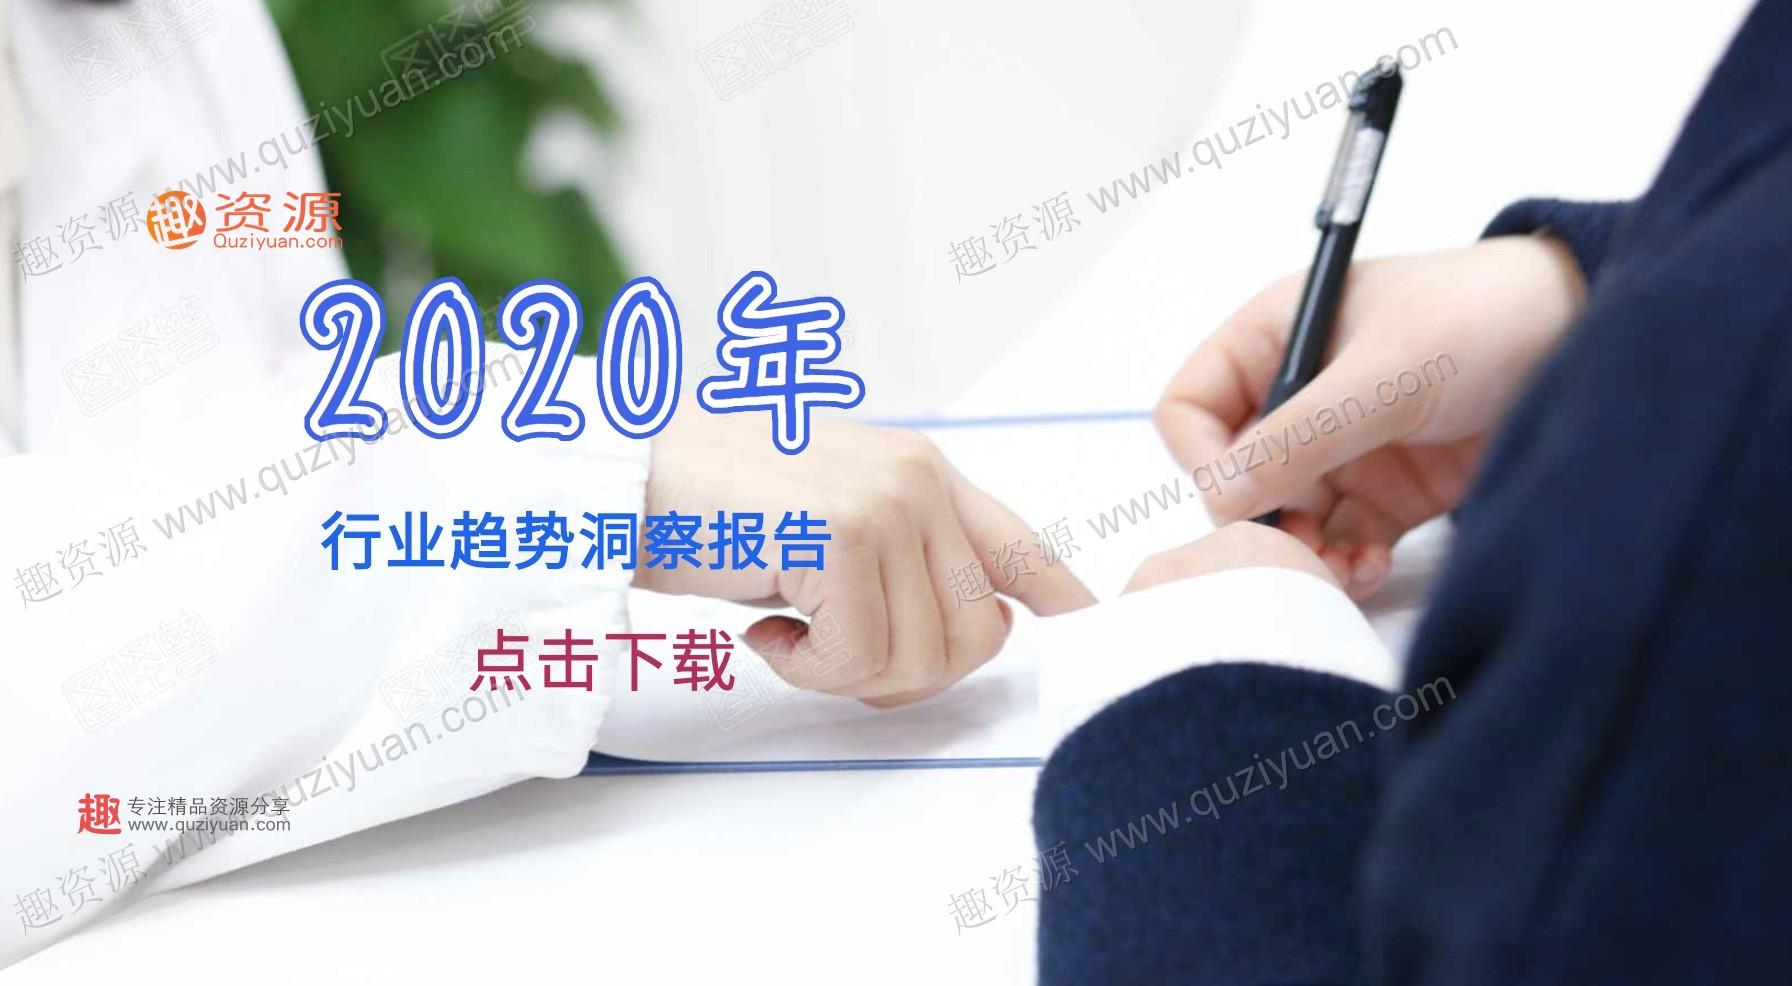 2020年行业趋势洞察报告麦肯锡普华永道达摩院 百度网盘